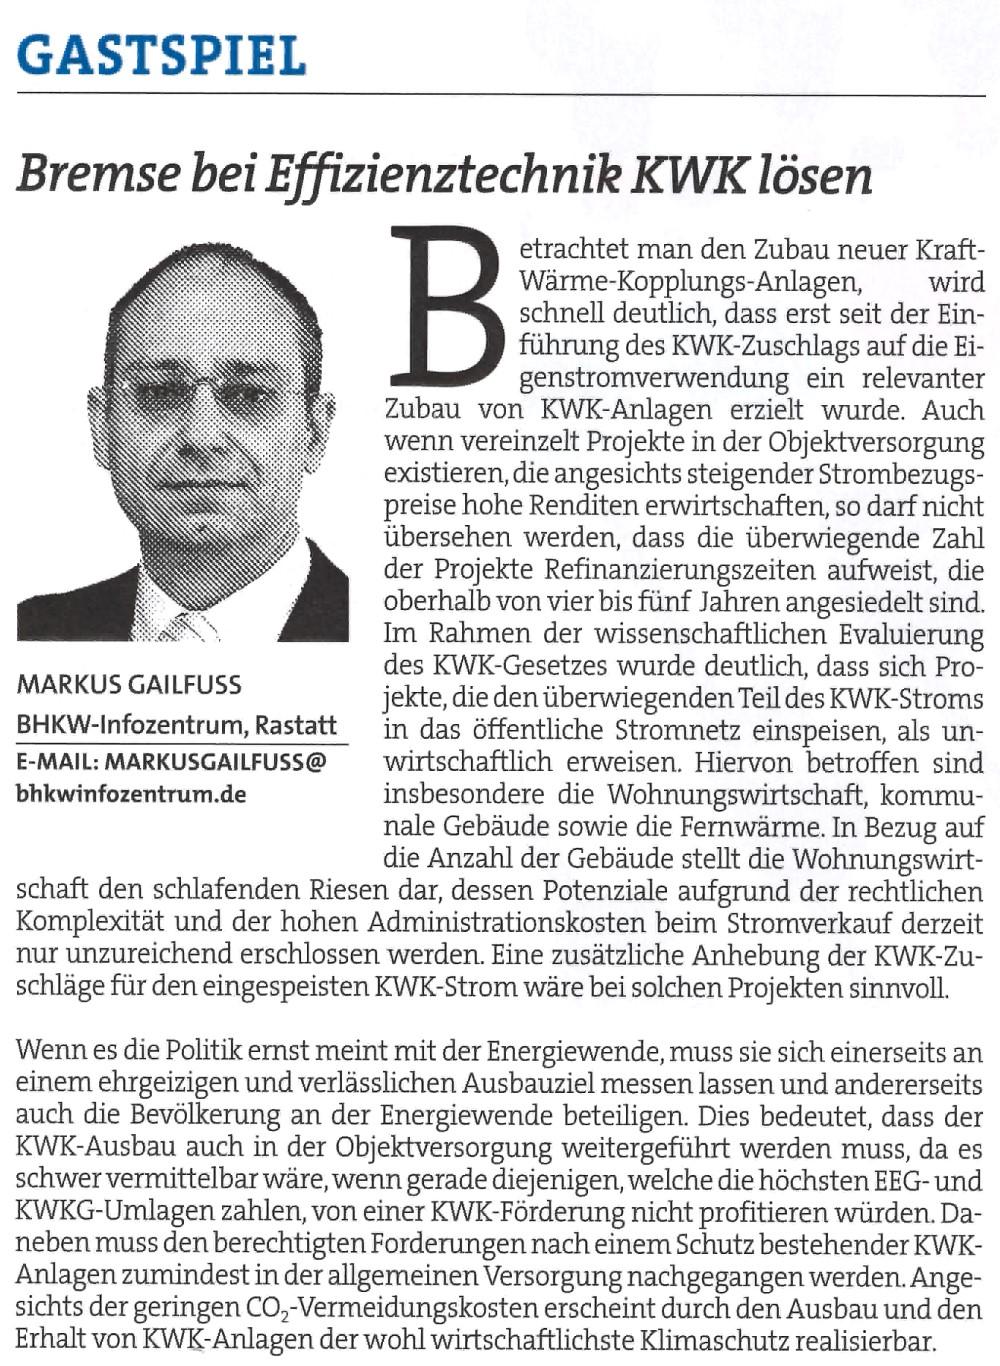 """Bericht von Markus Gailfuß in der ZFK 02/2015 """"Bremse bei Effizienztechnik KWK lösen"""" (Bild: ZFK)"""